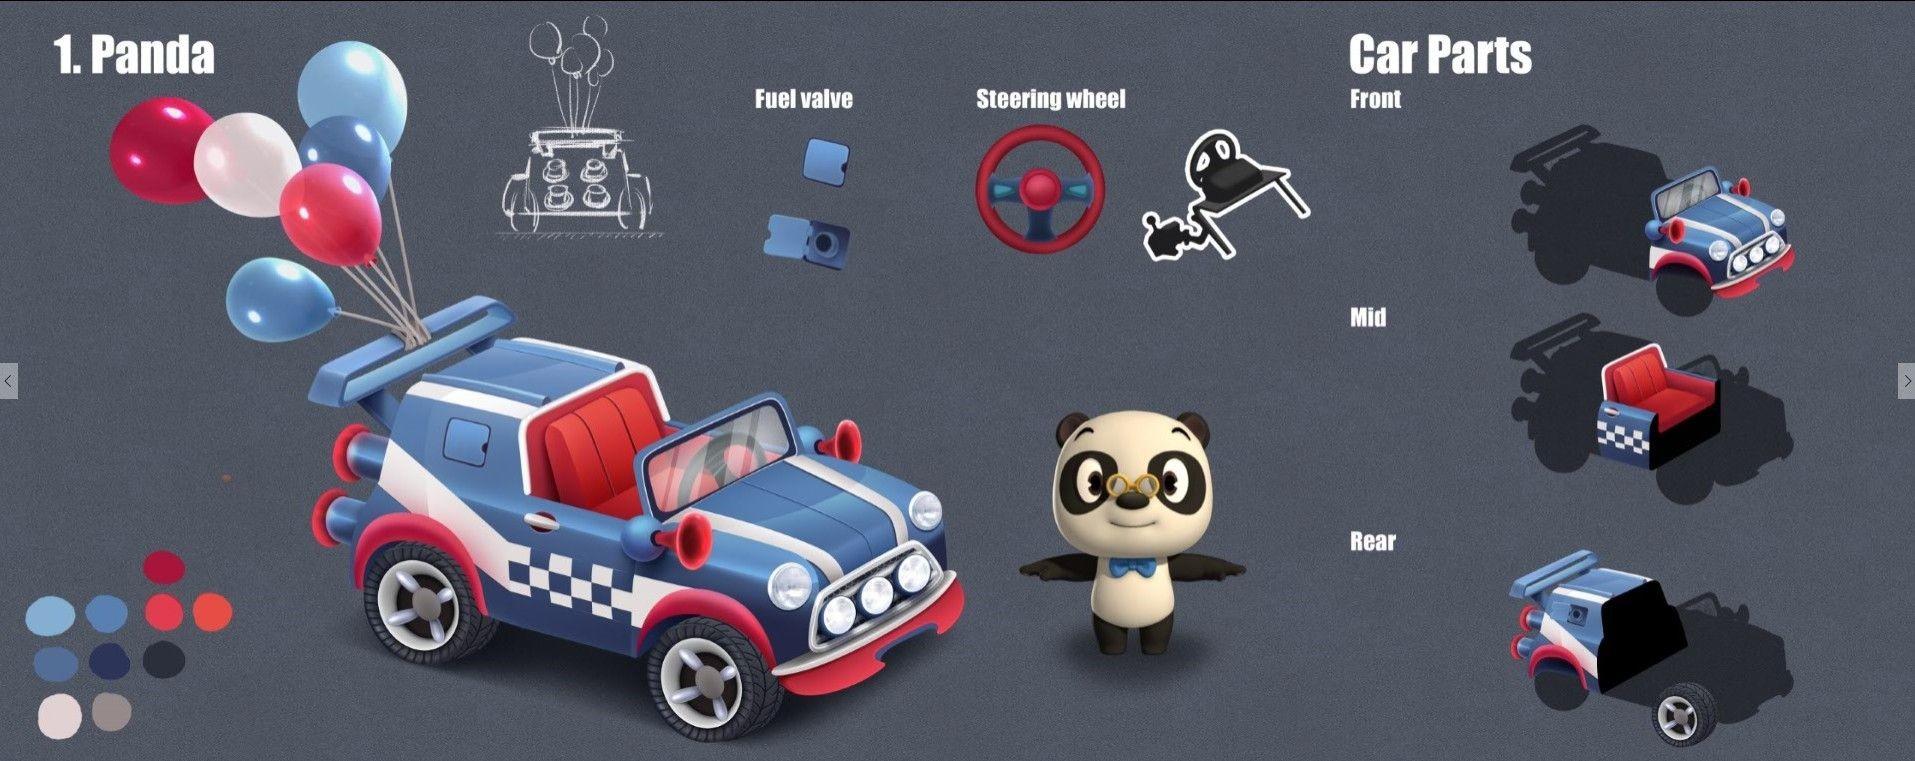 Car Design - Mini Cooper